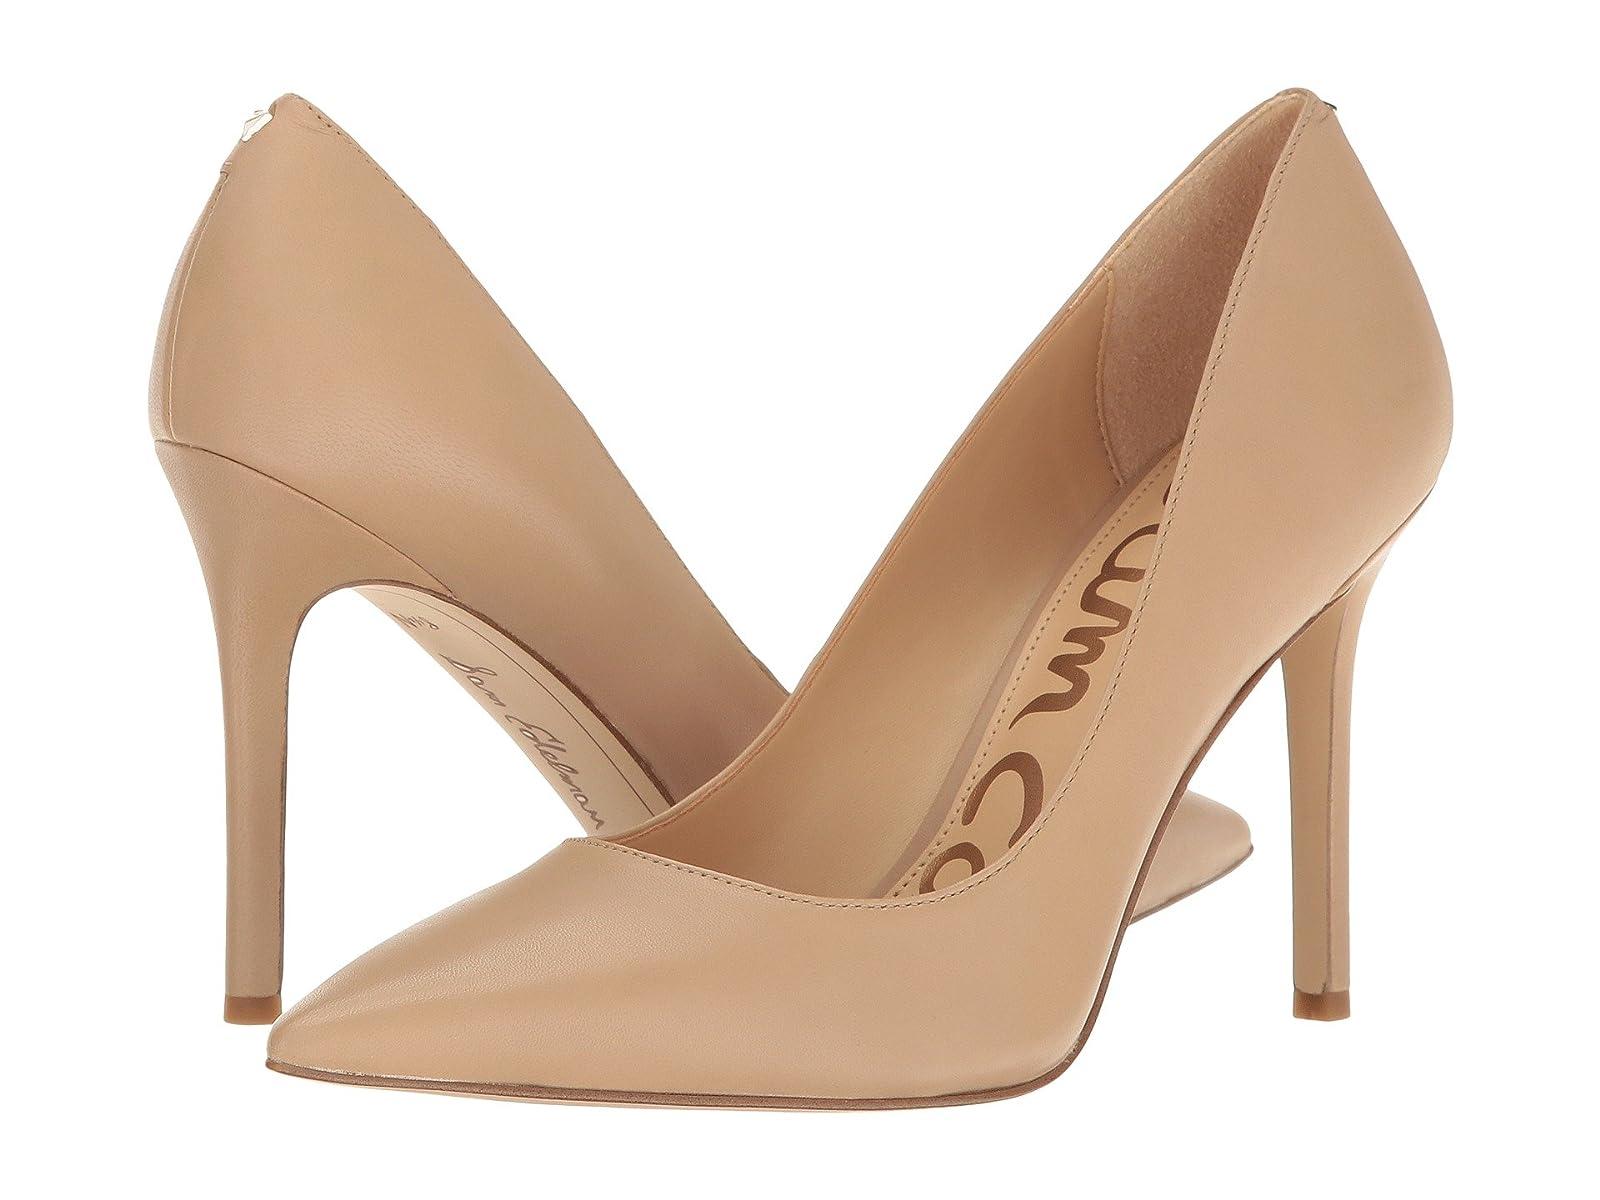 Sam Edelman HazelAtmospheric grades have affordable shoes